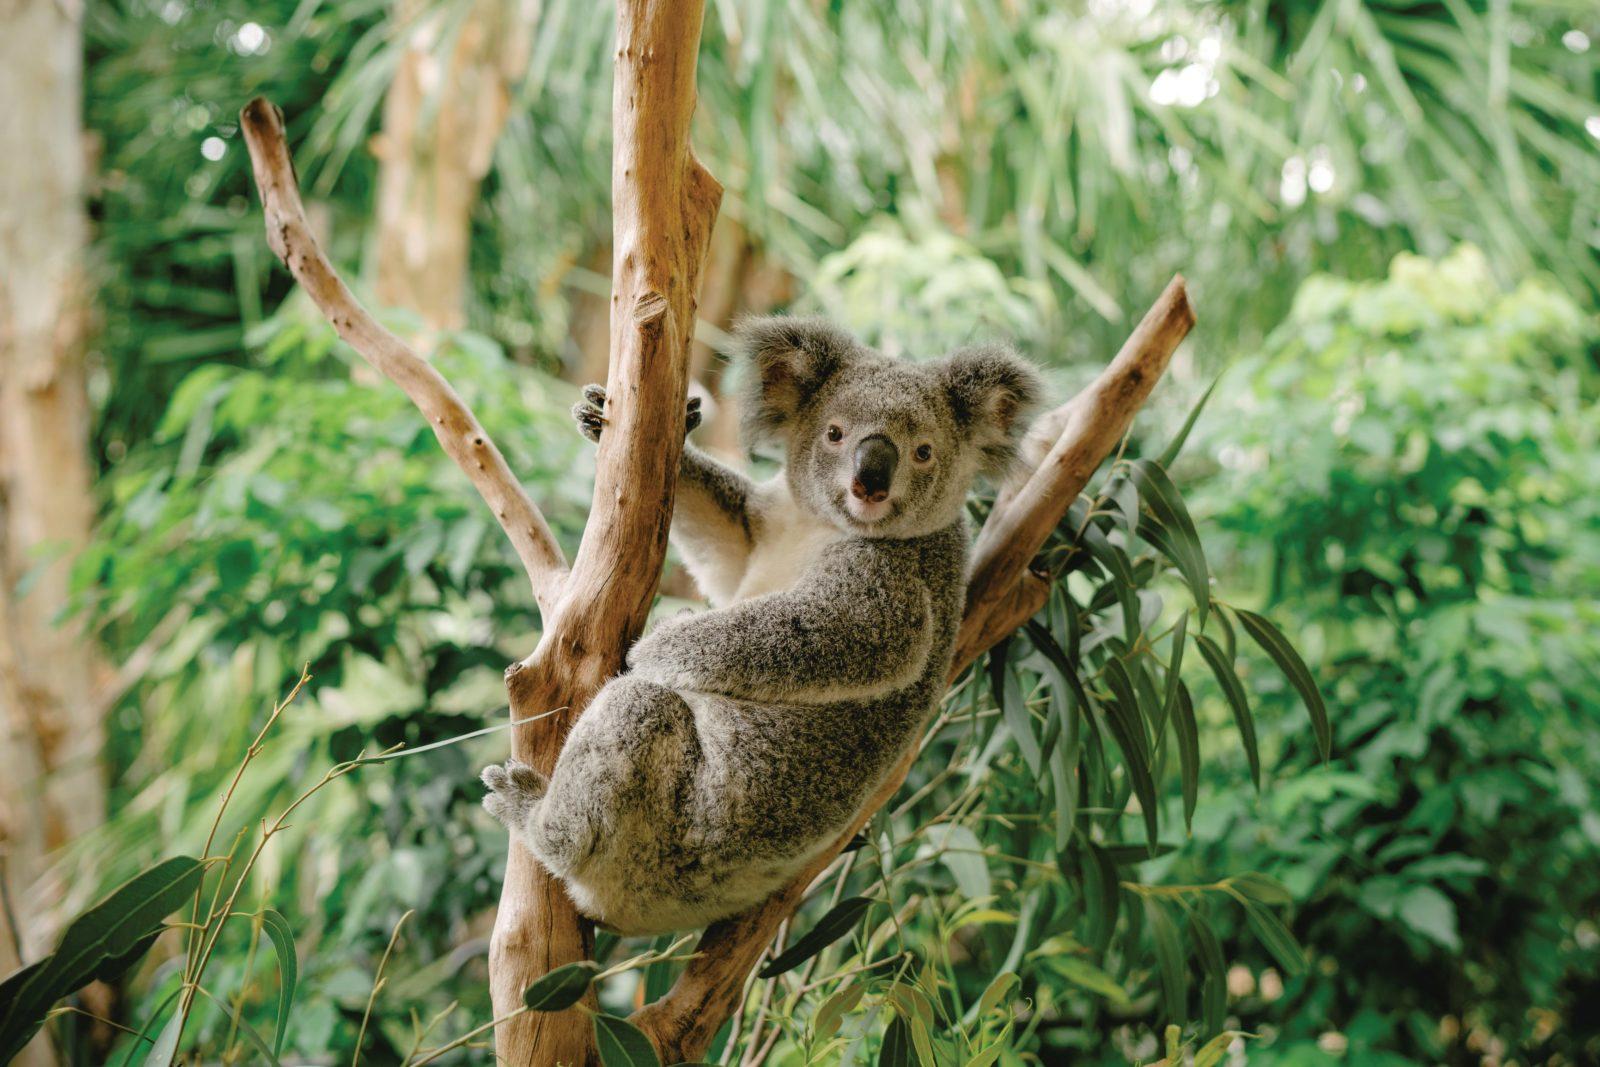 Close up of koala in tree.